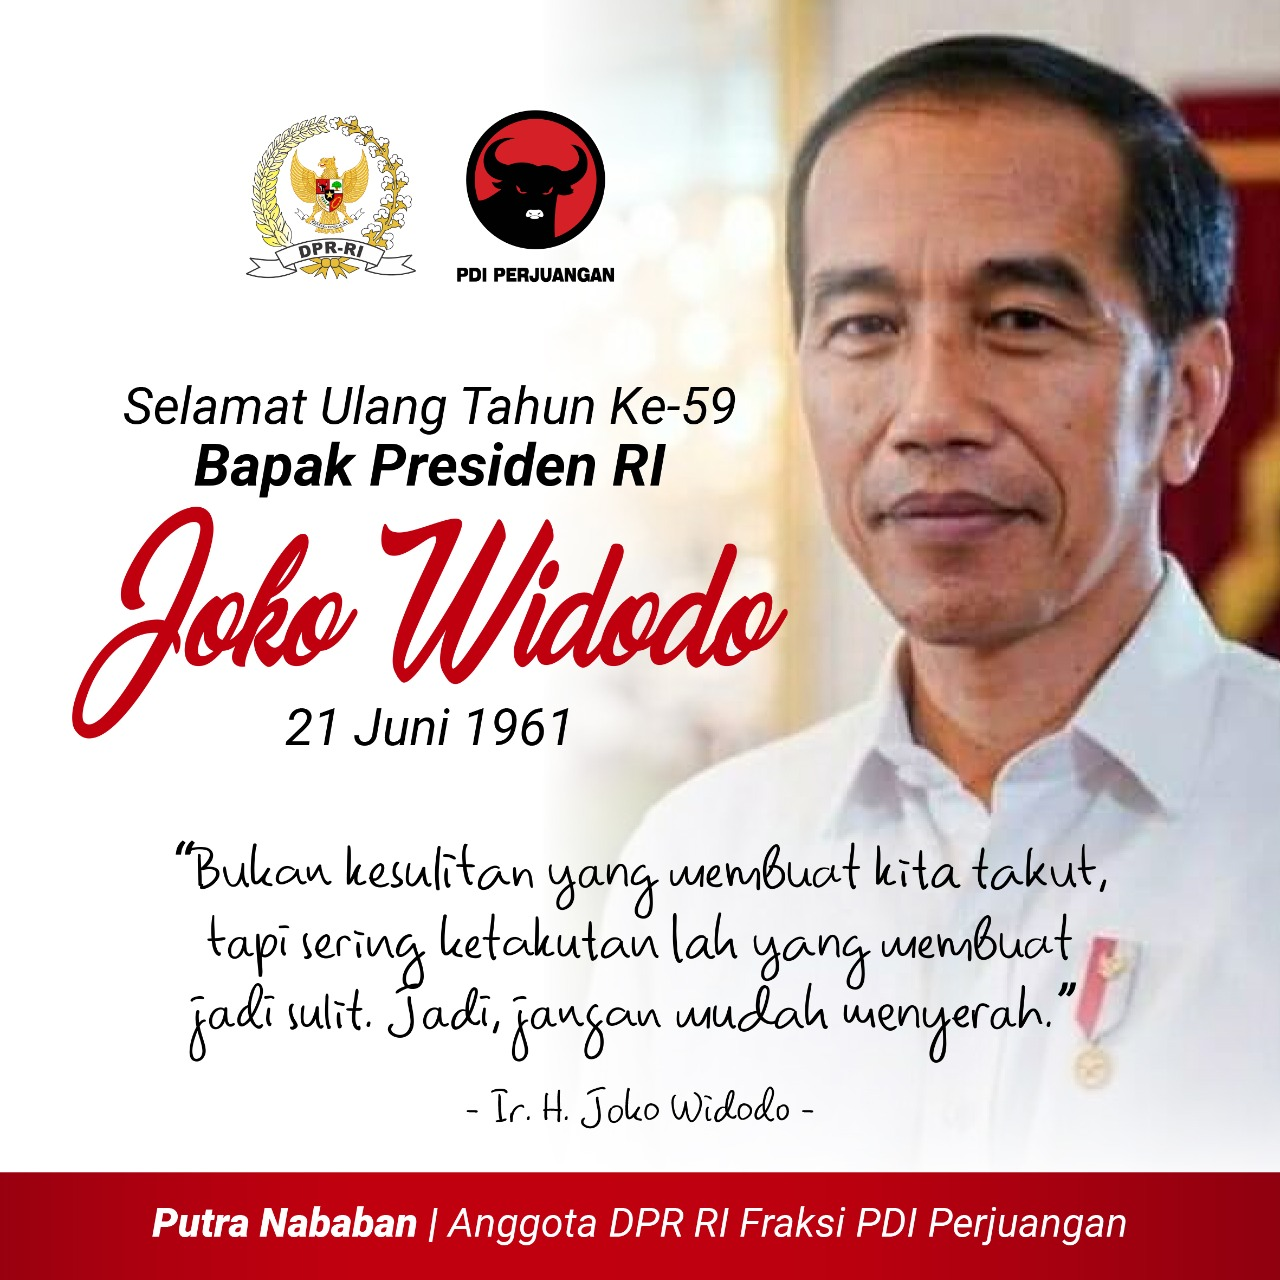 Ulang Tahun ke-59 Presiden RI Joko Widodo